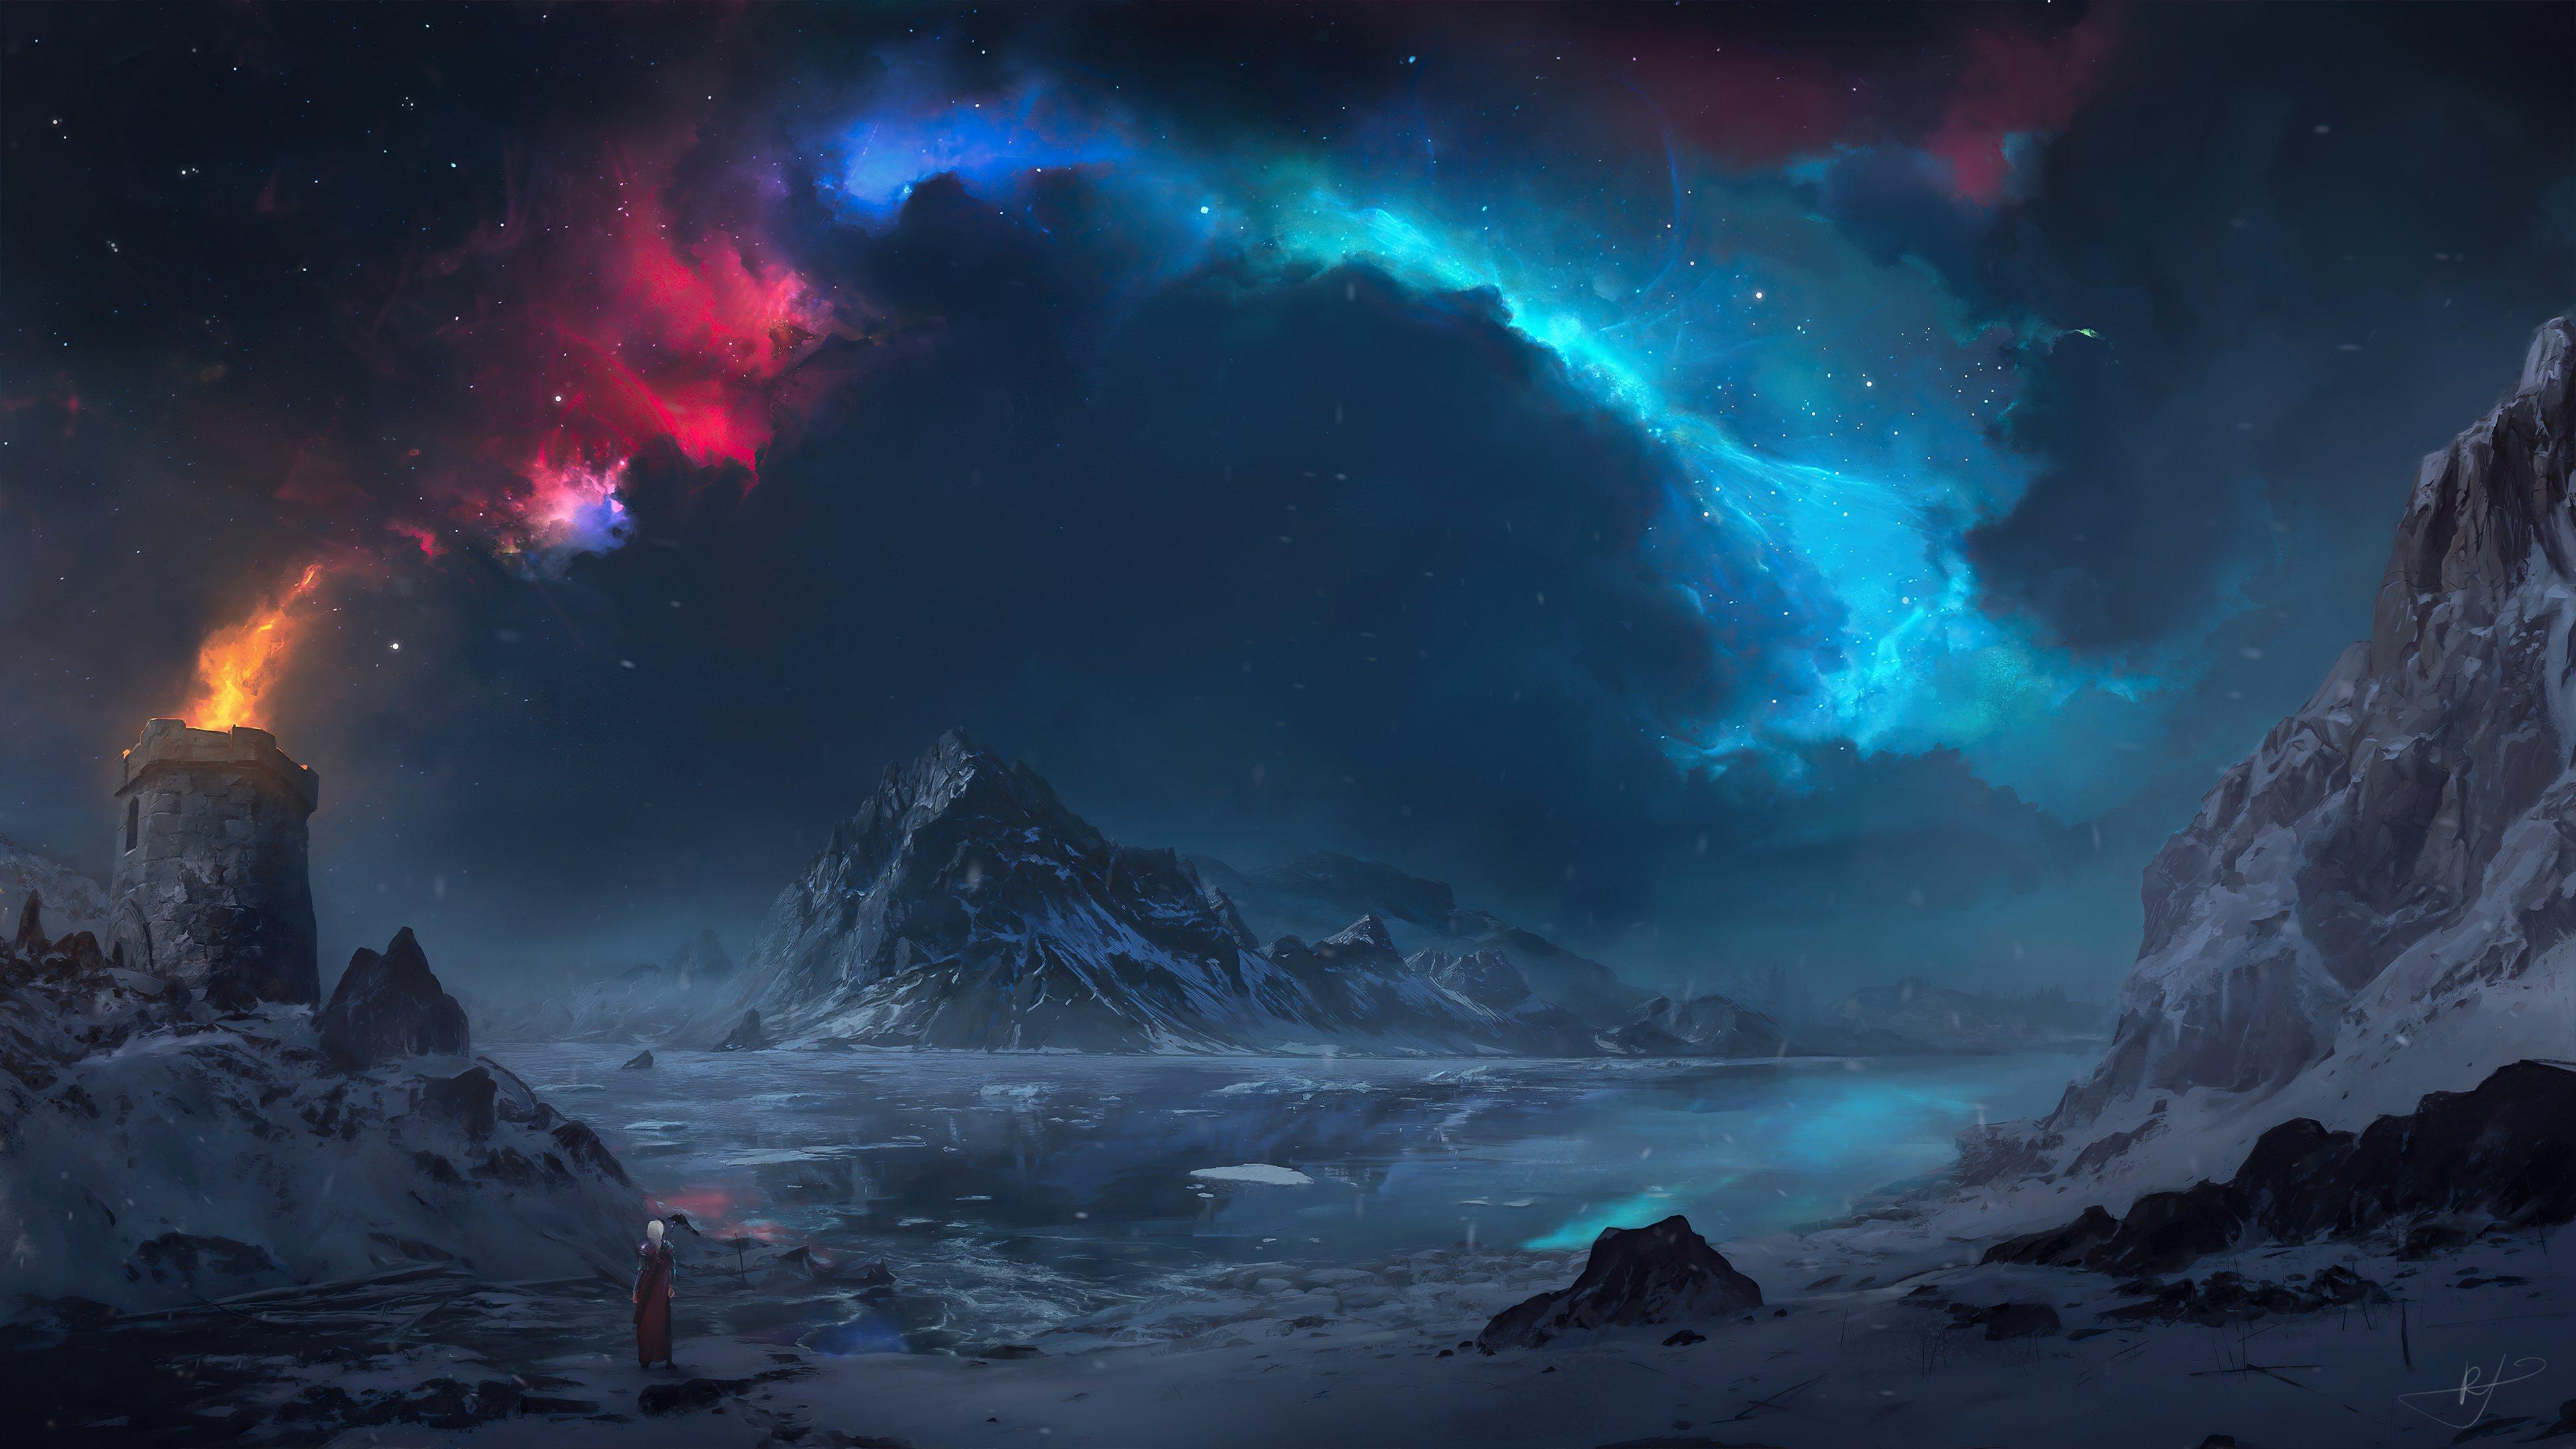 Fondos de pantalla Persona viendo paisaje de torre en las montañas Artwork